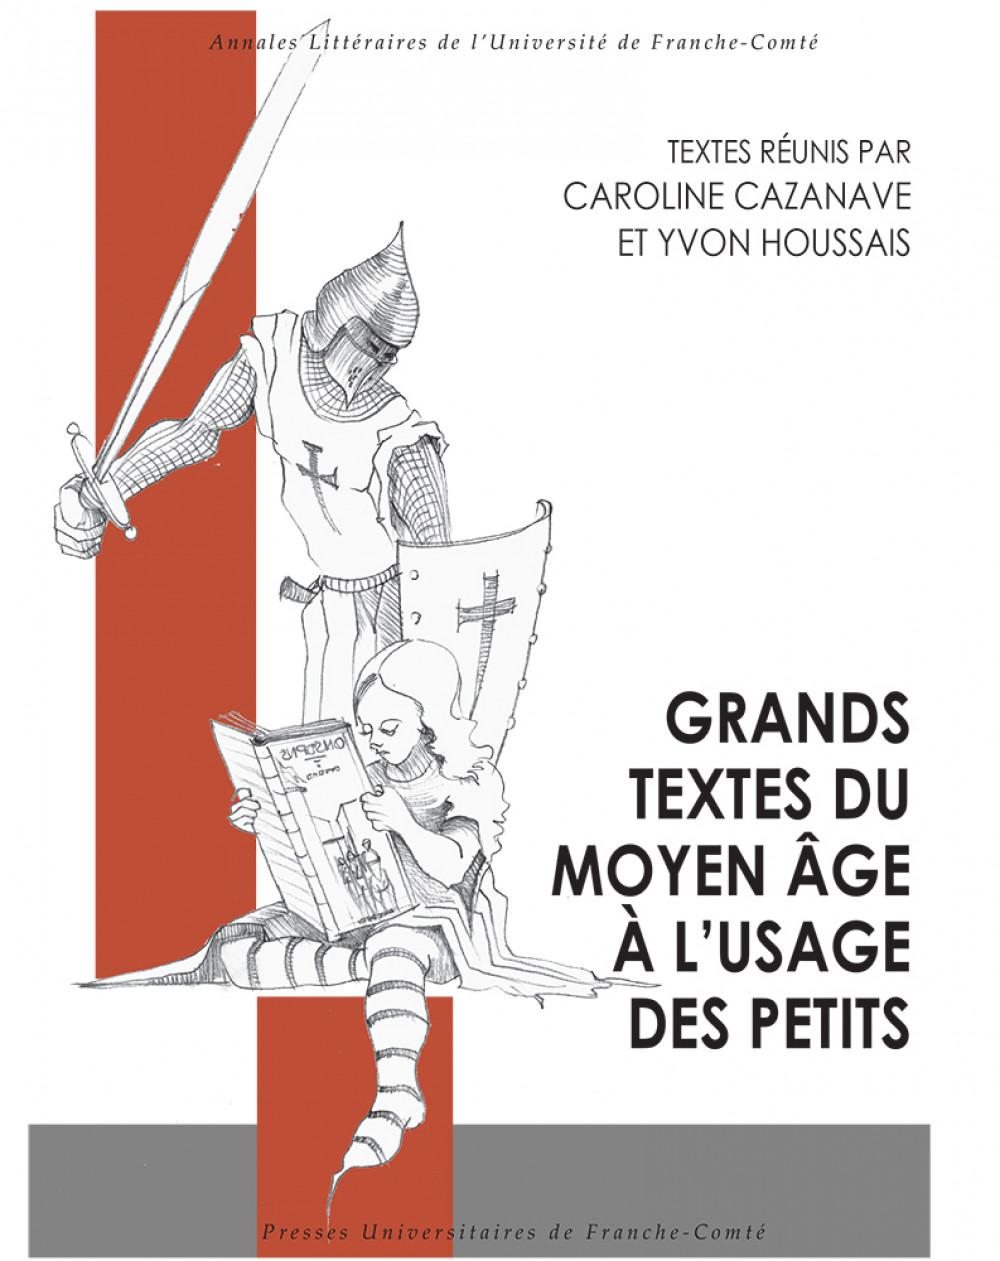 Grands textes du Moyen Âge à l'usage des petits